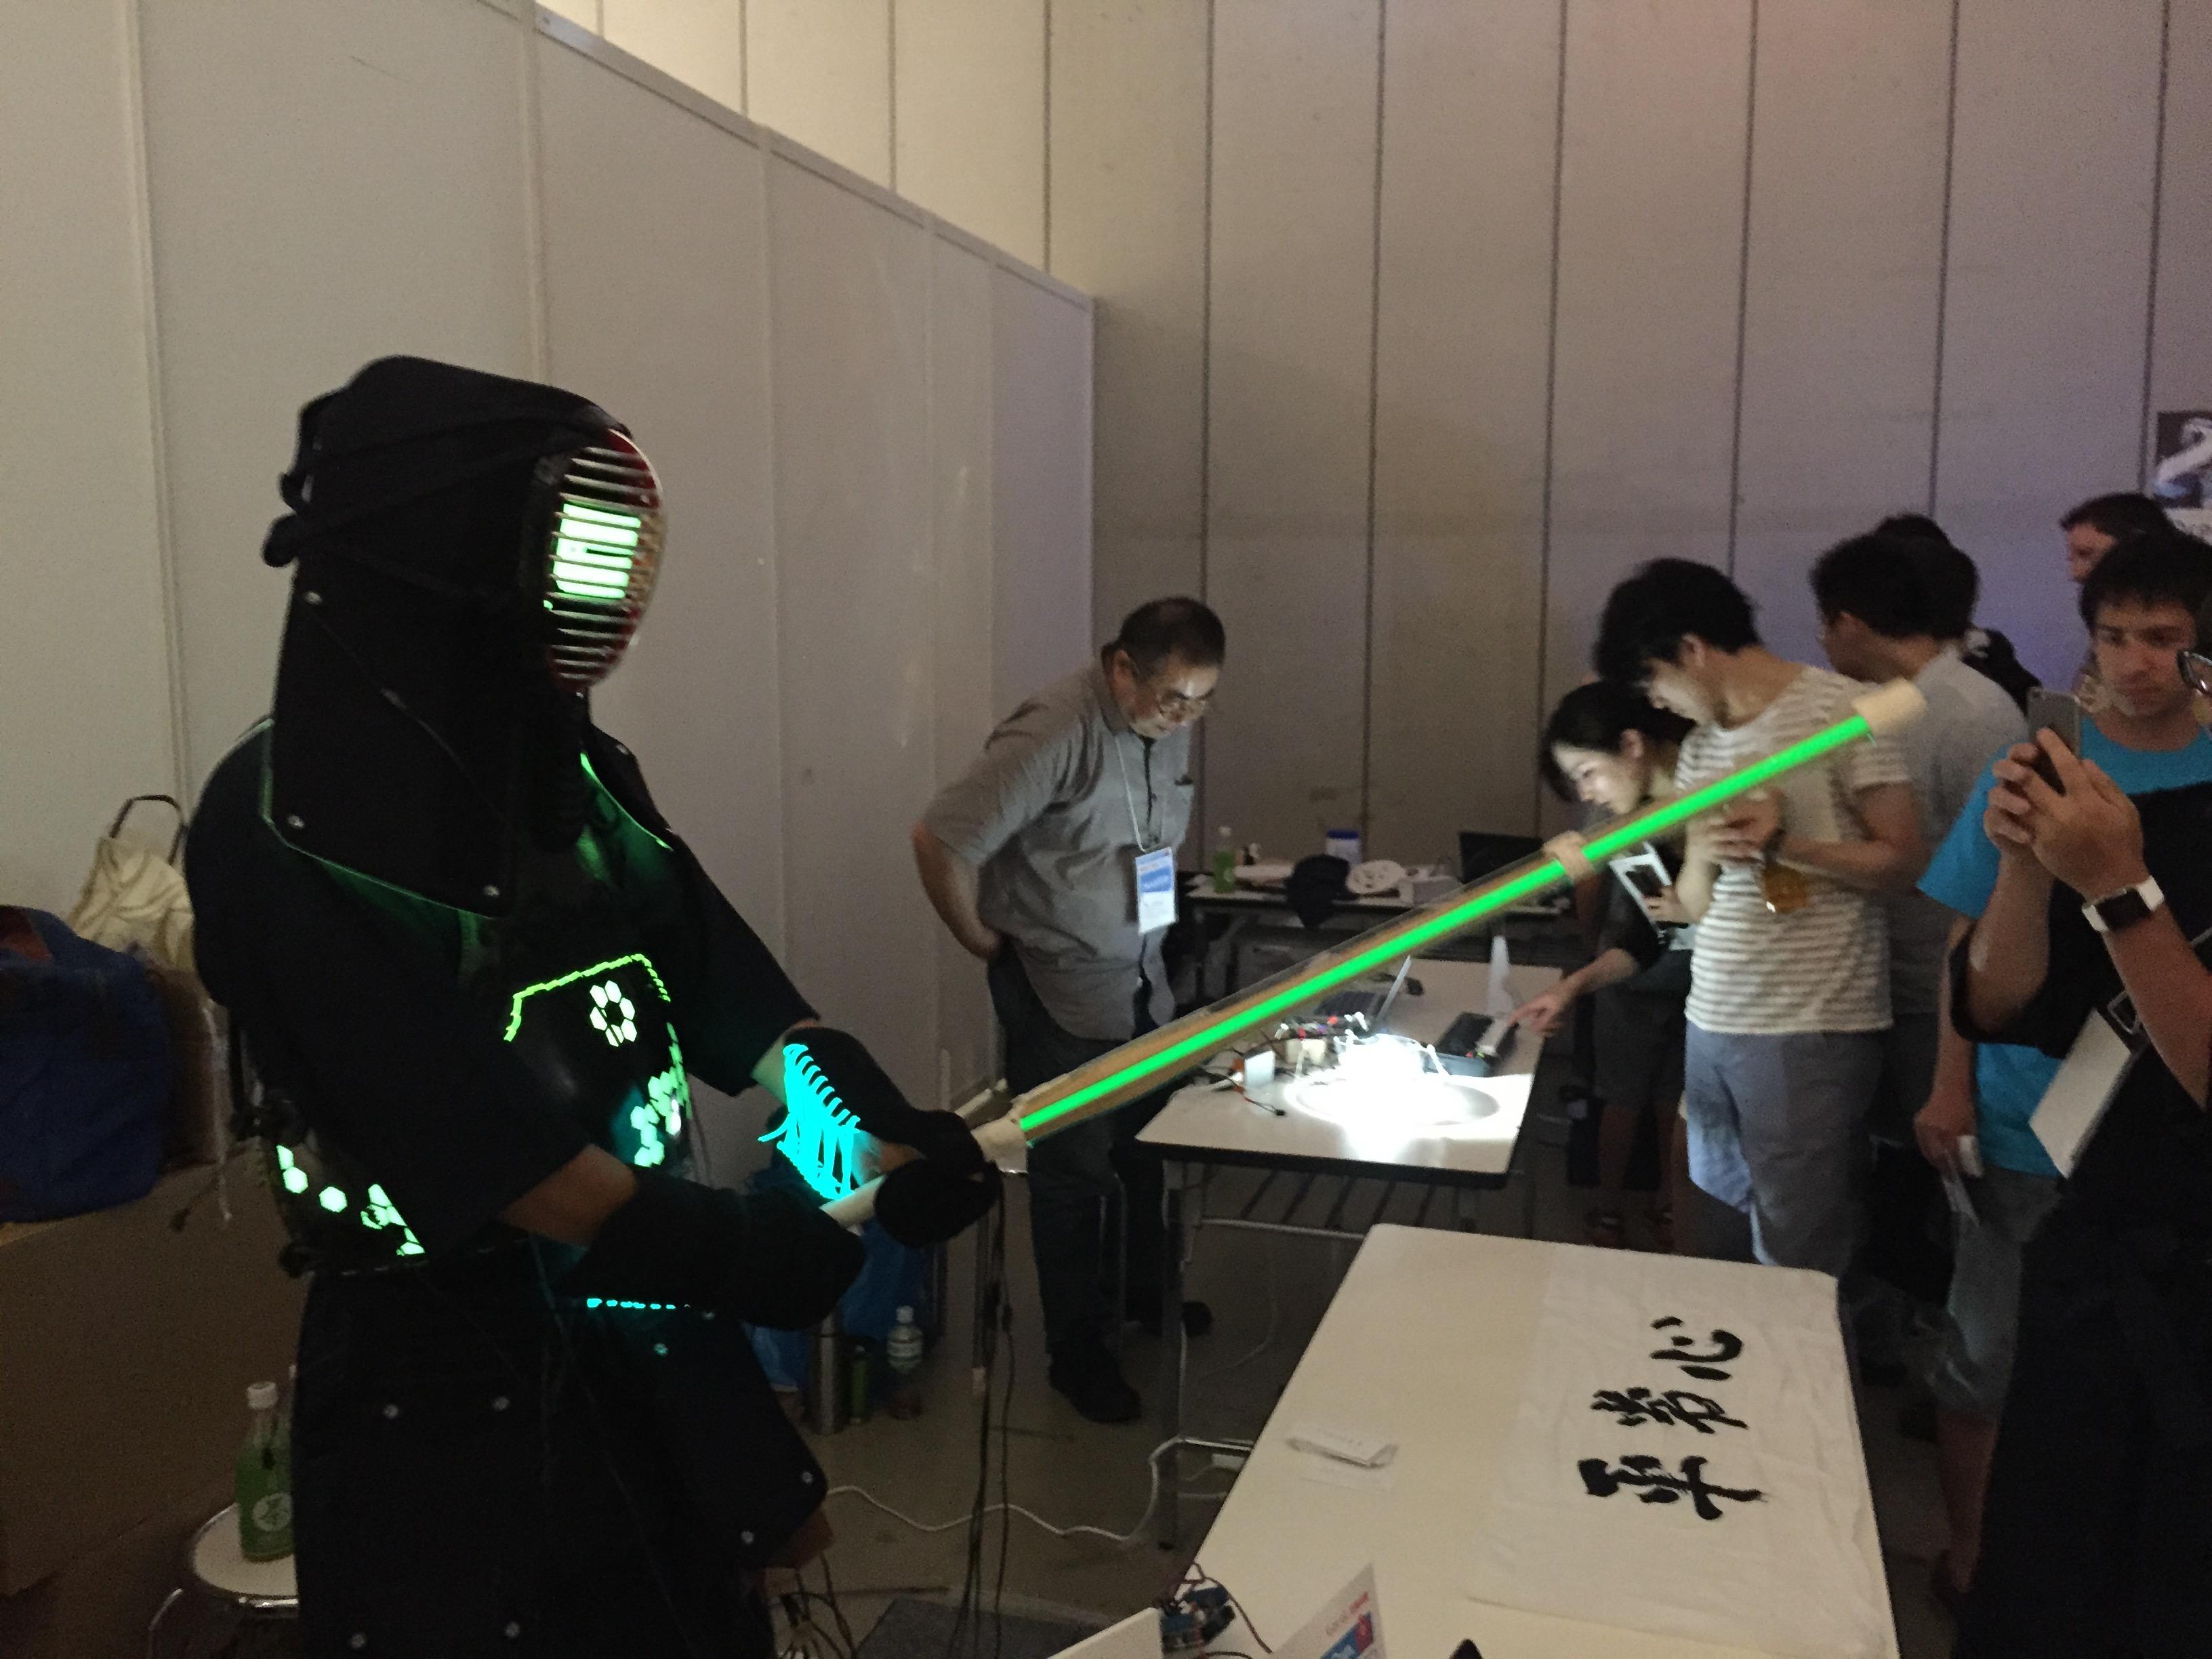 <面白ガジェット祭り>電子工作家の祭典 Maker Fairに参戦してみた